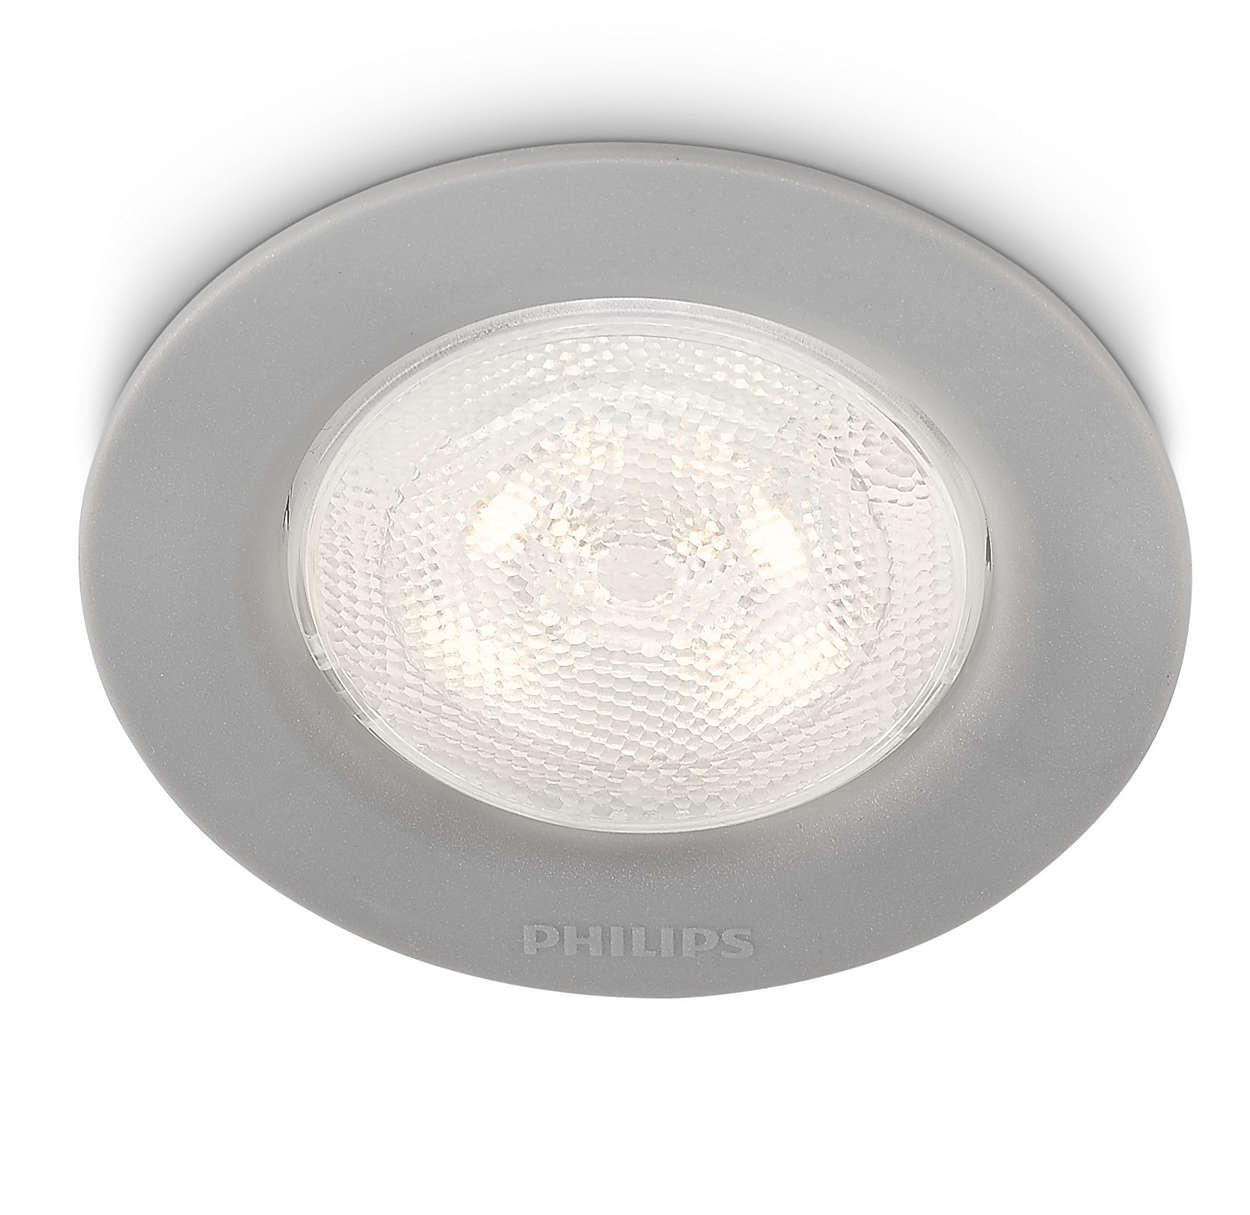 Skrášlite svoj domov svetlom